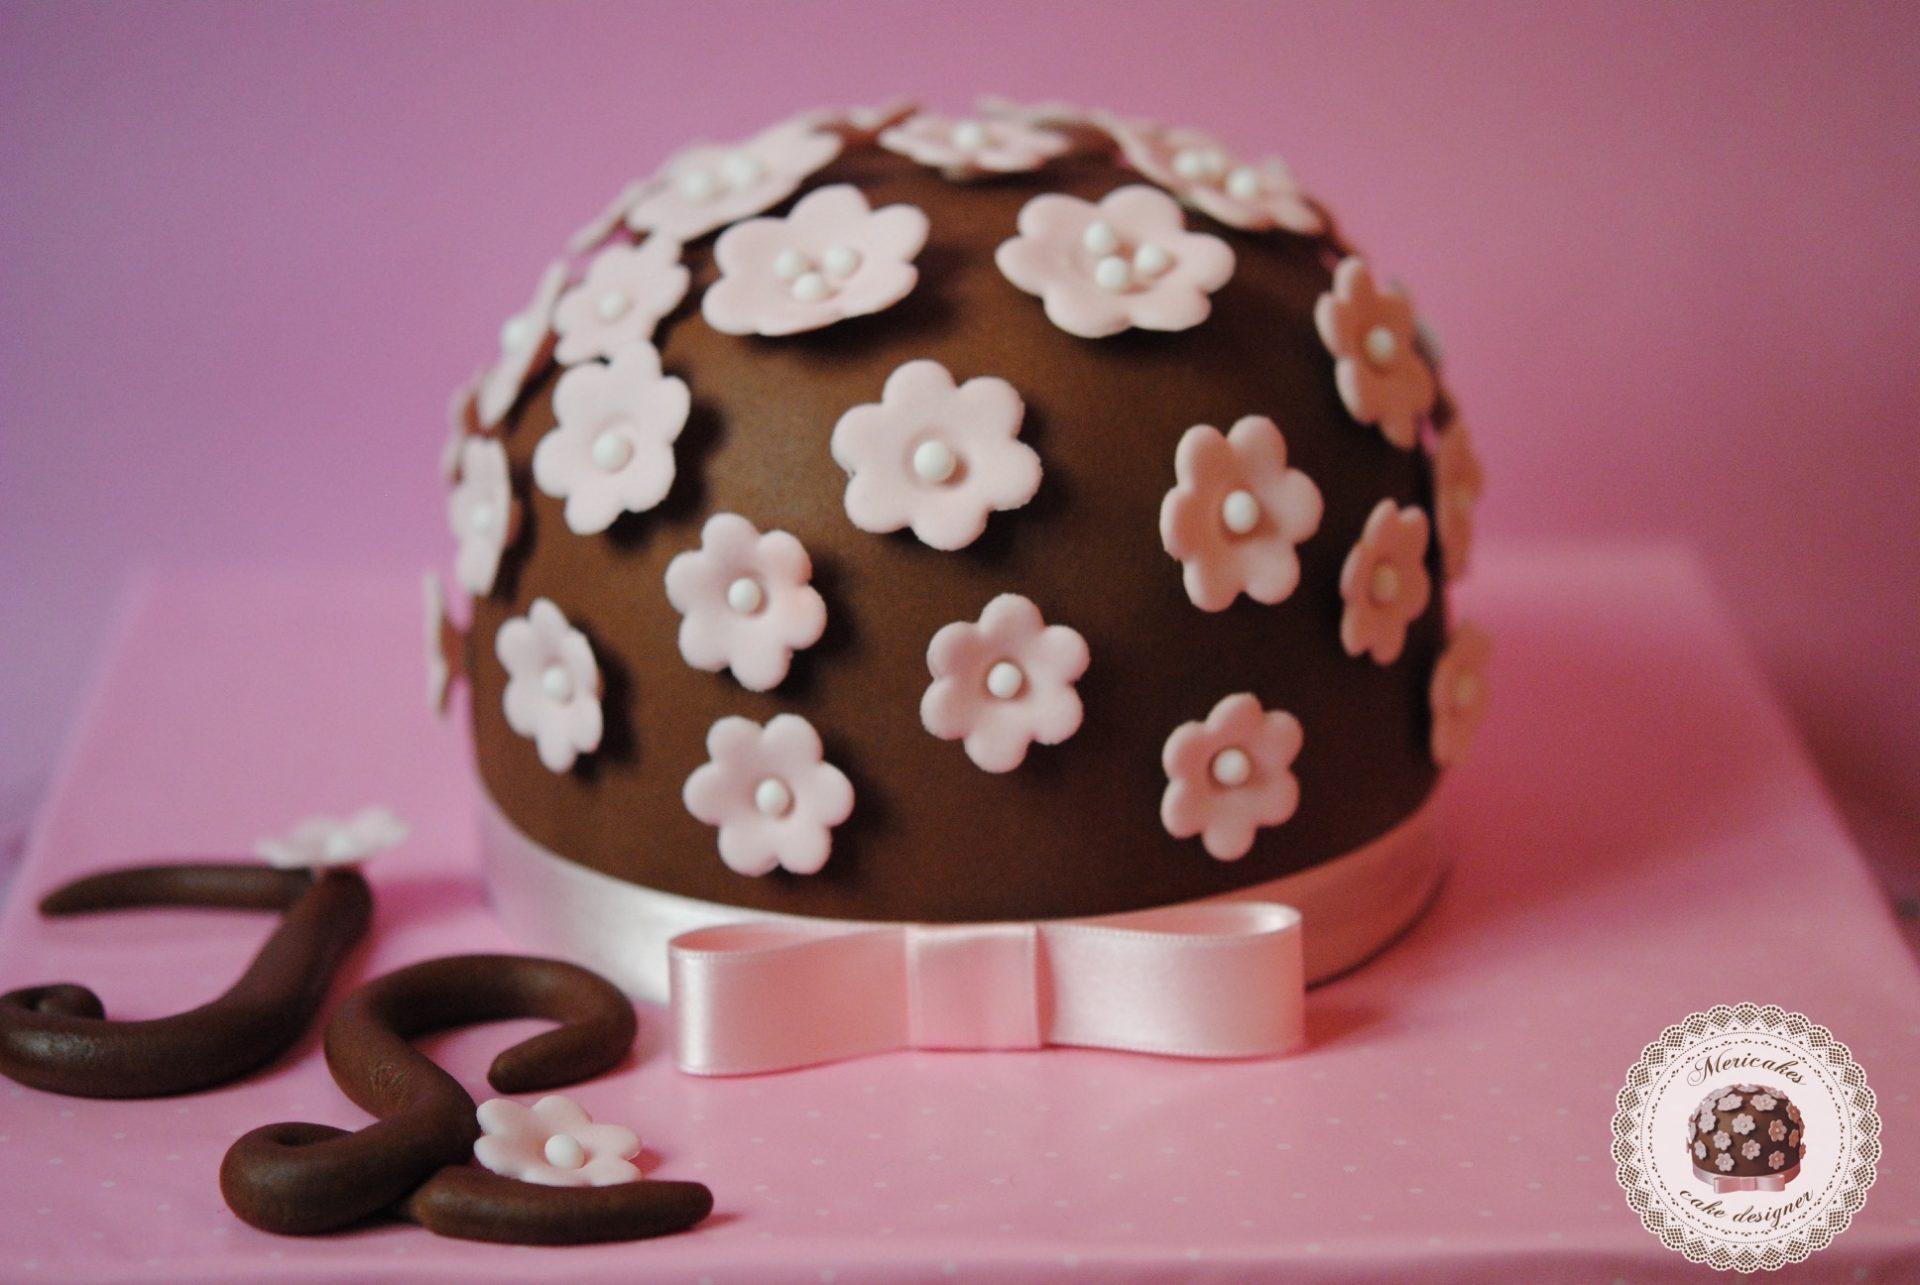 tarta-primavera-logo-mericakes-mericakes-tarta-sugarcraft-cake-sugarflowers-barcelona-cake-decorating-tartas-decoradas-nata-con-fresas6